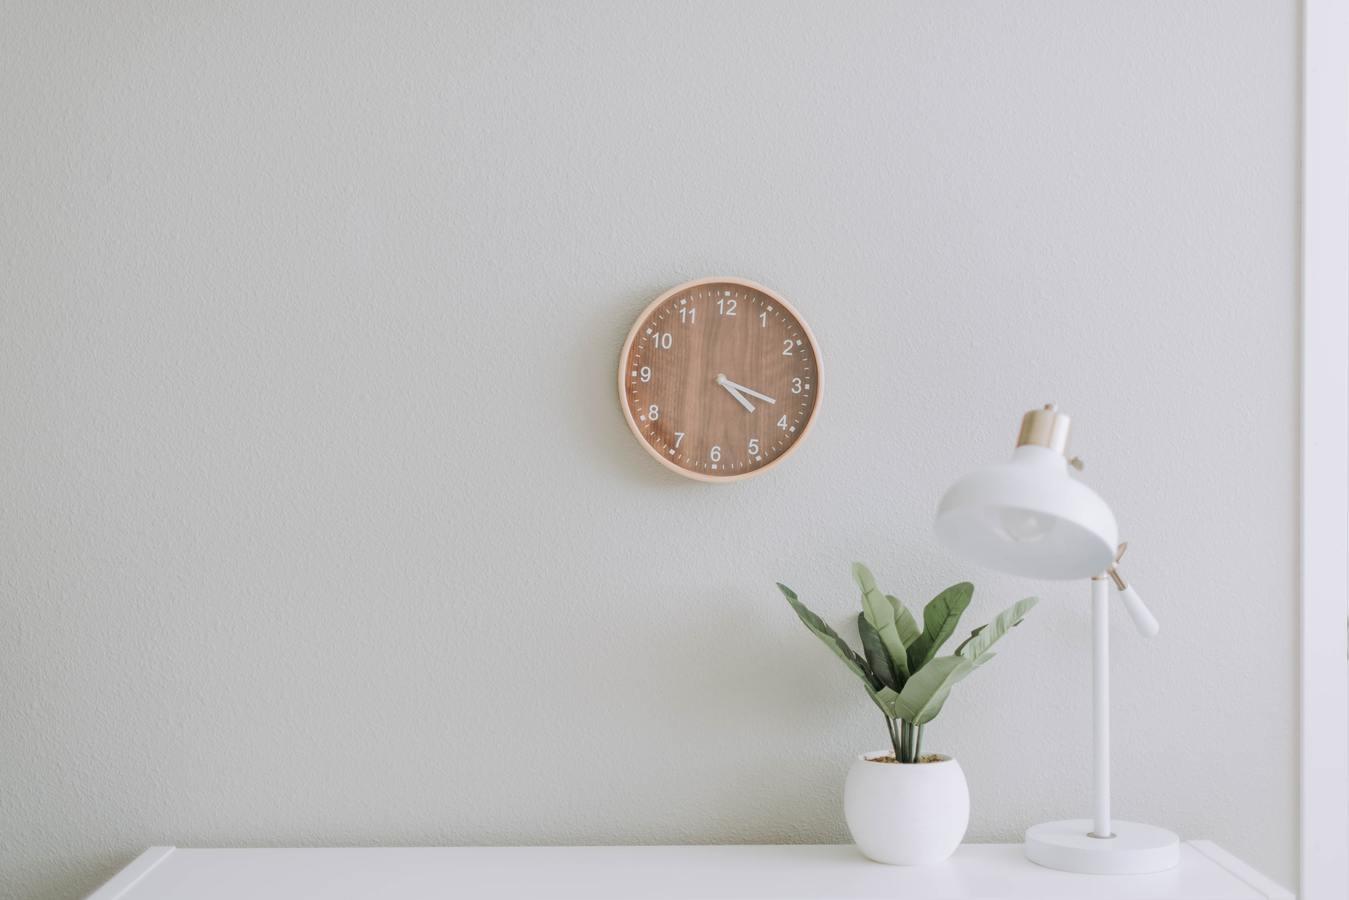 Um relógio de parede acima de uma mesa com uma planta e uma luminária